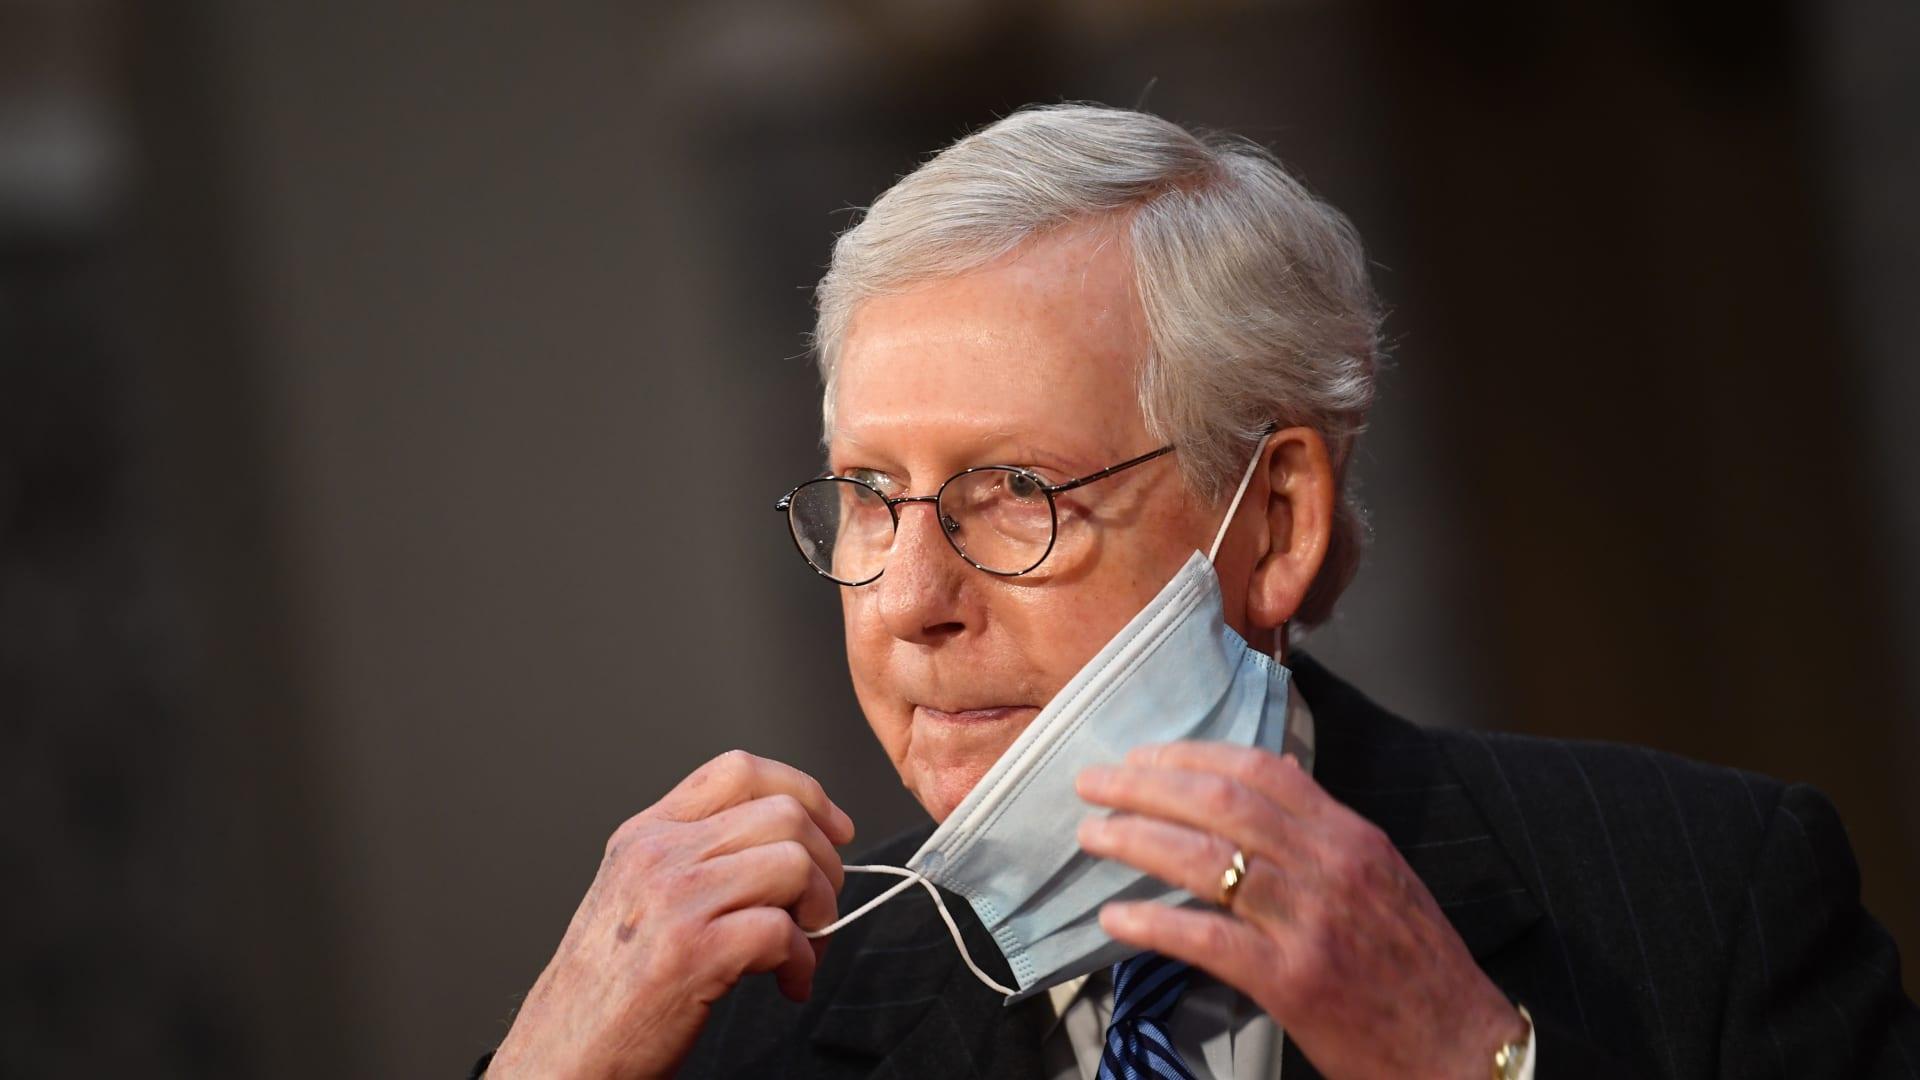 """بعد تصويت """"النواب"""" لعزله.. زعيم الجمهوريين بـ""""الشيوخ"""": لا مساءلة لترامب قبل تنصيب بايدن"""